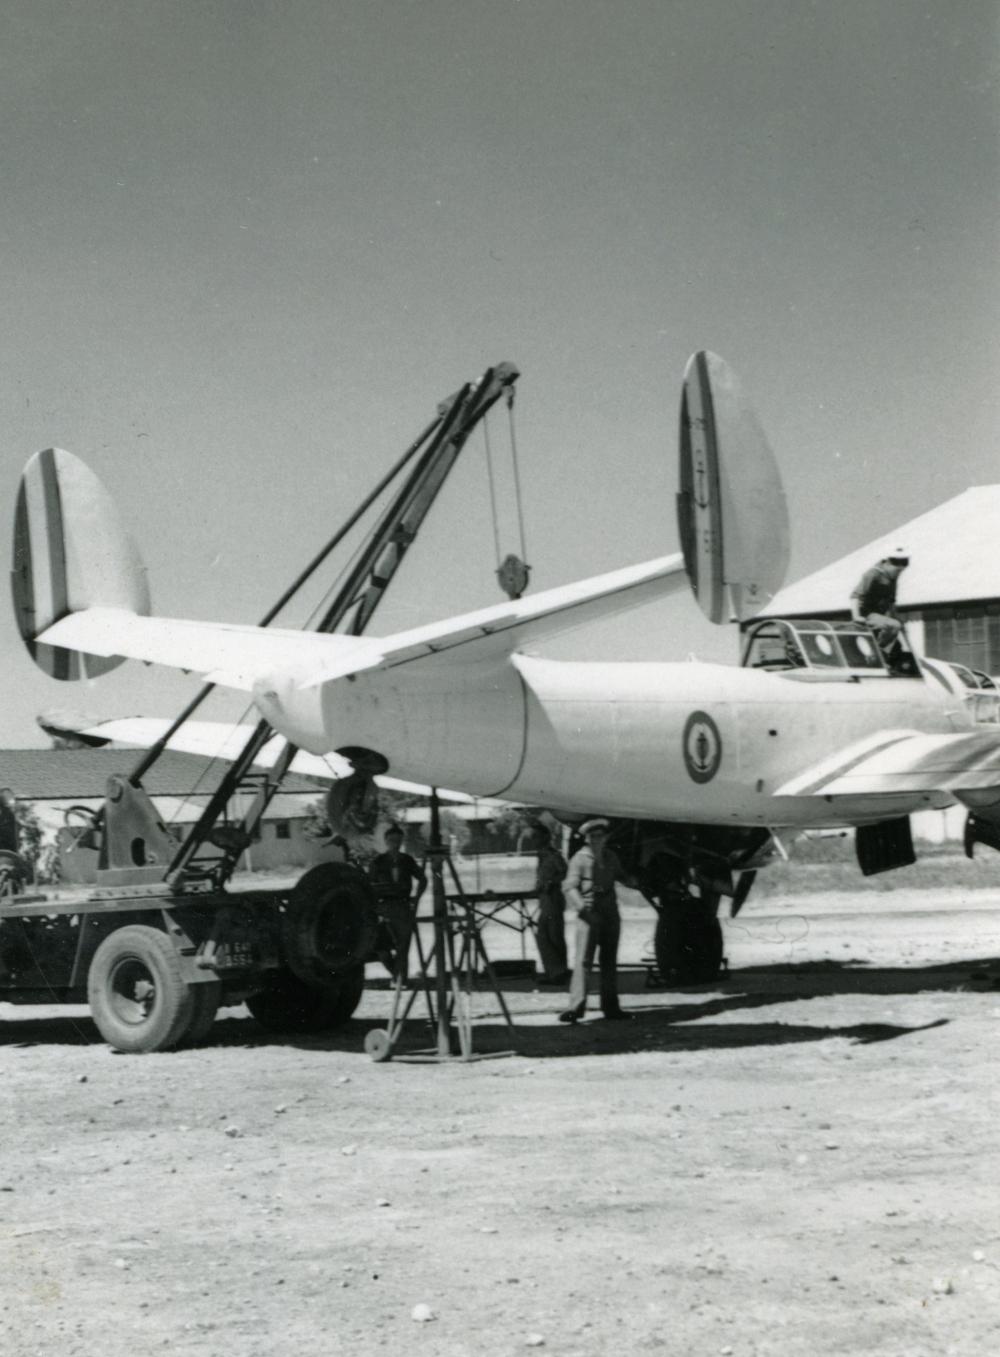 [La spécialité de...] Mécanicien aéronautique (Sujet unique) - Page 3 269221Photo337maintenance1PPERRIN